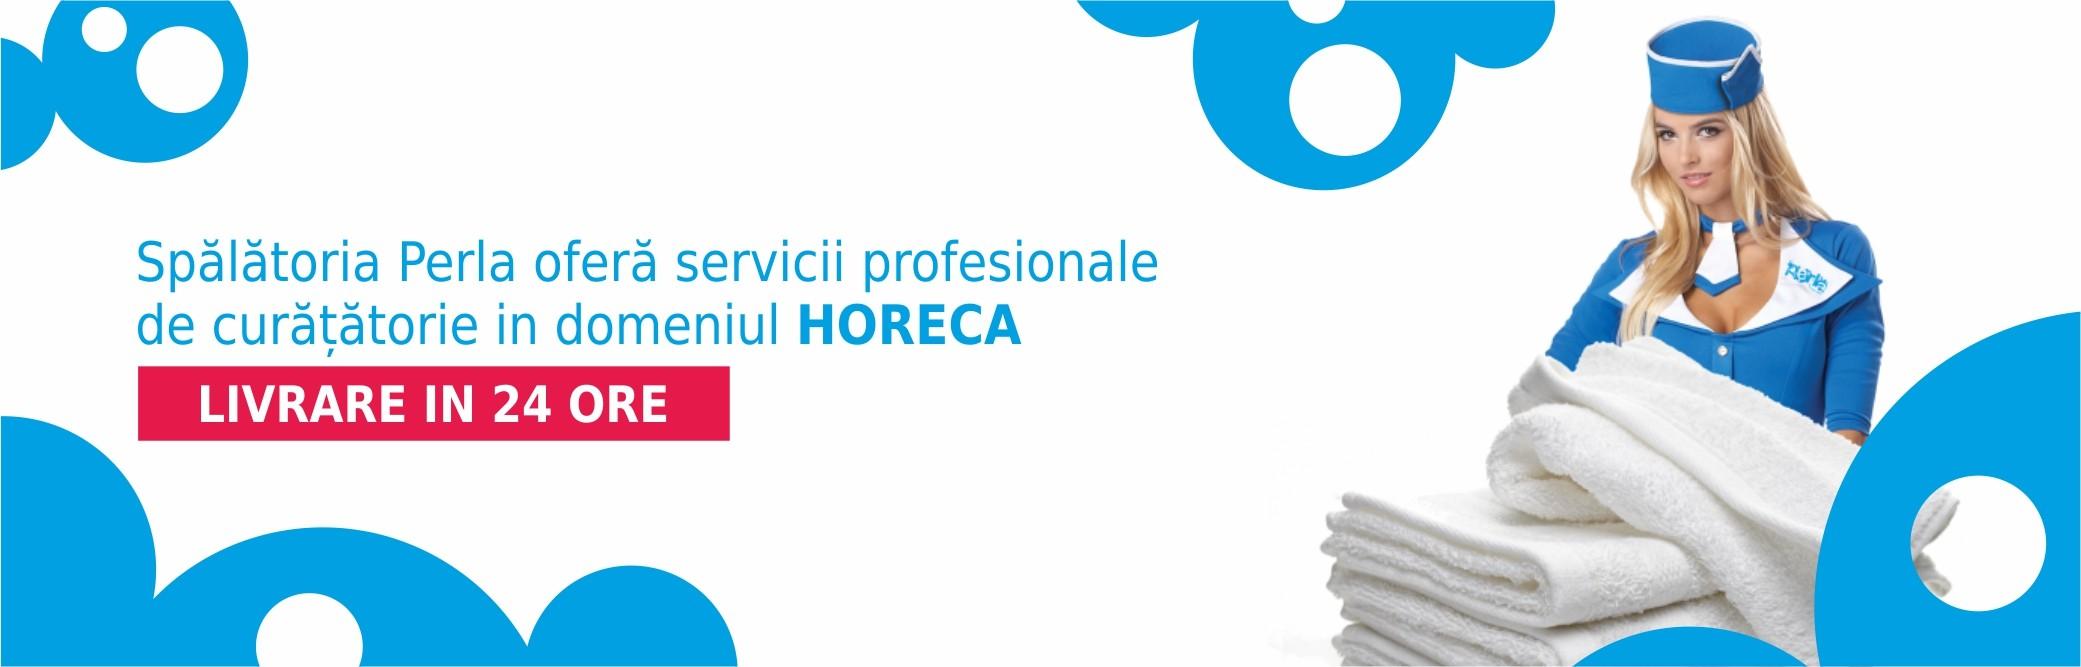 banner_perla_horeca